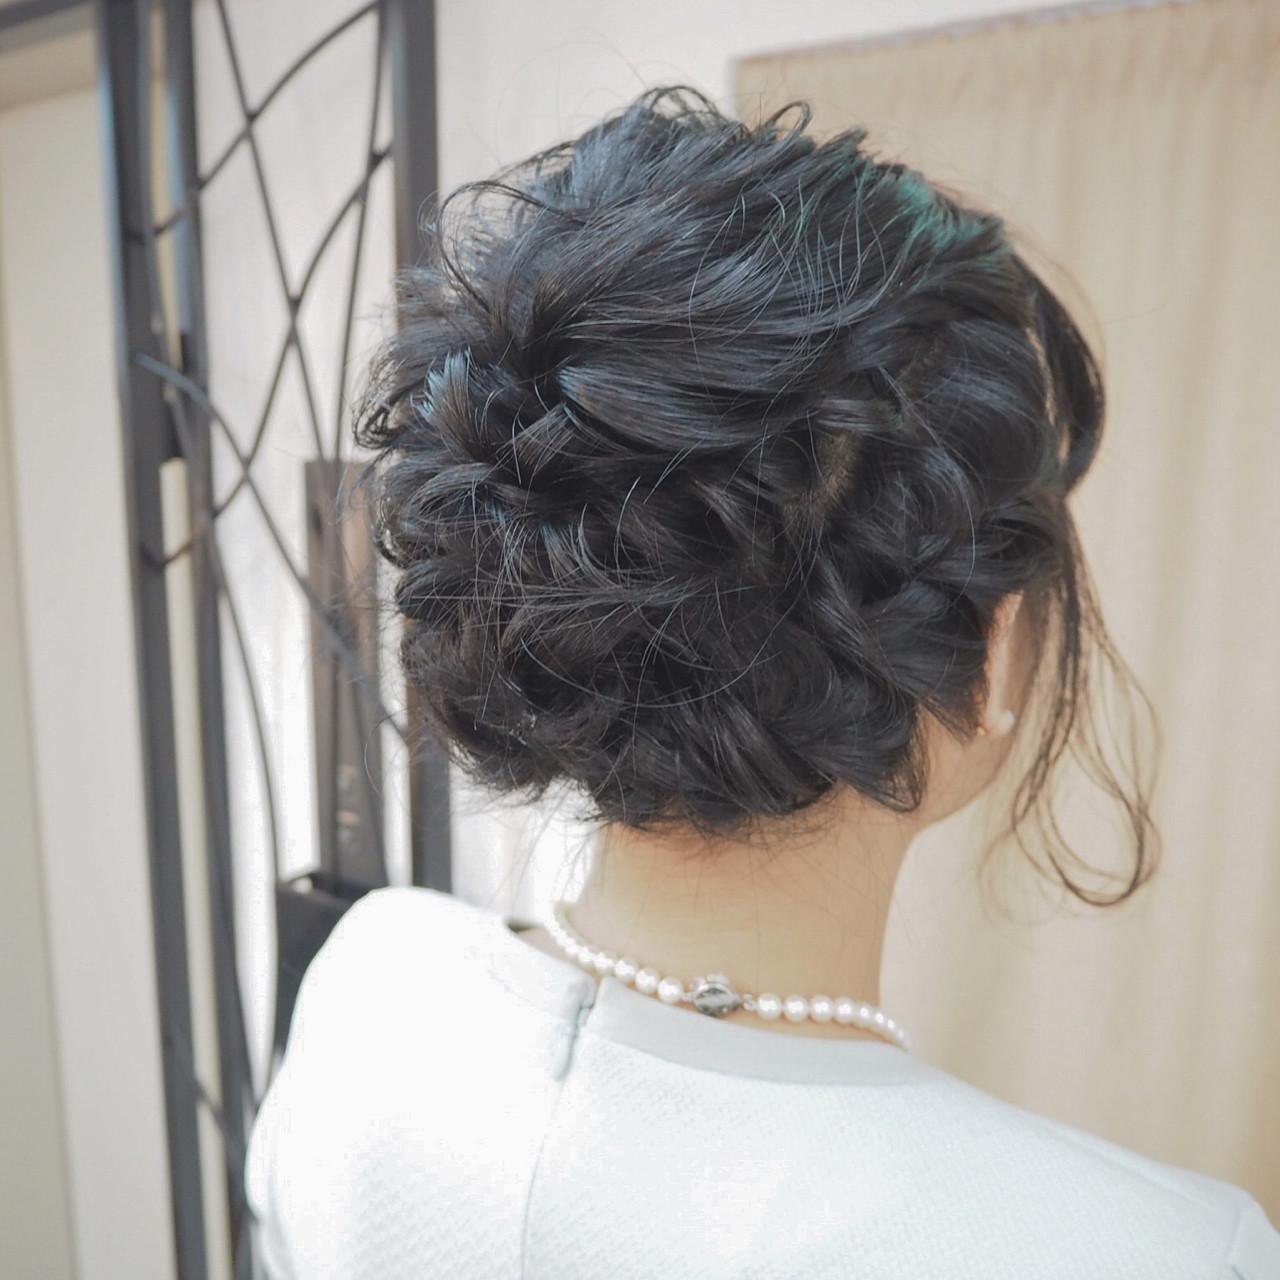 女子会 結婚式 編み込み デート ヘアスタイルや髪型の写真・画像